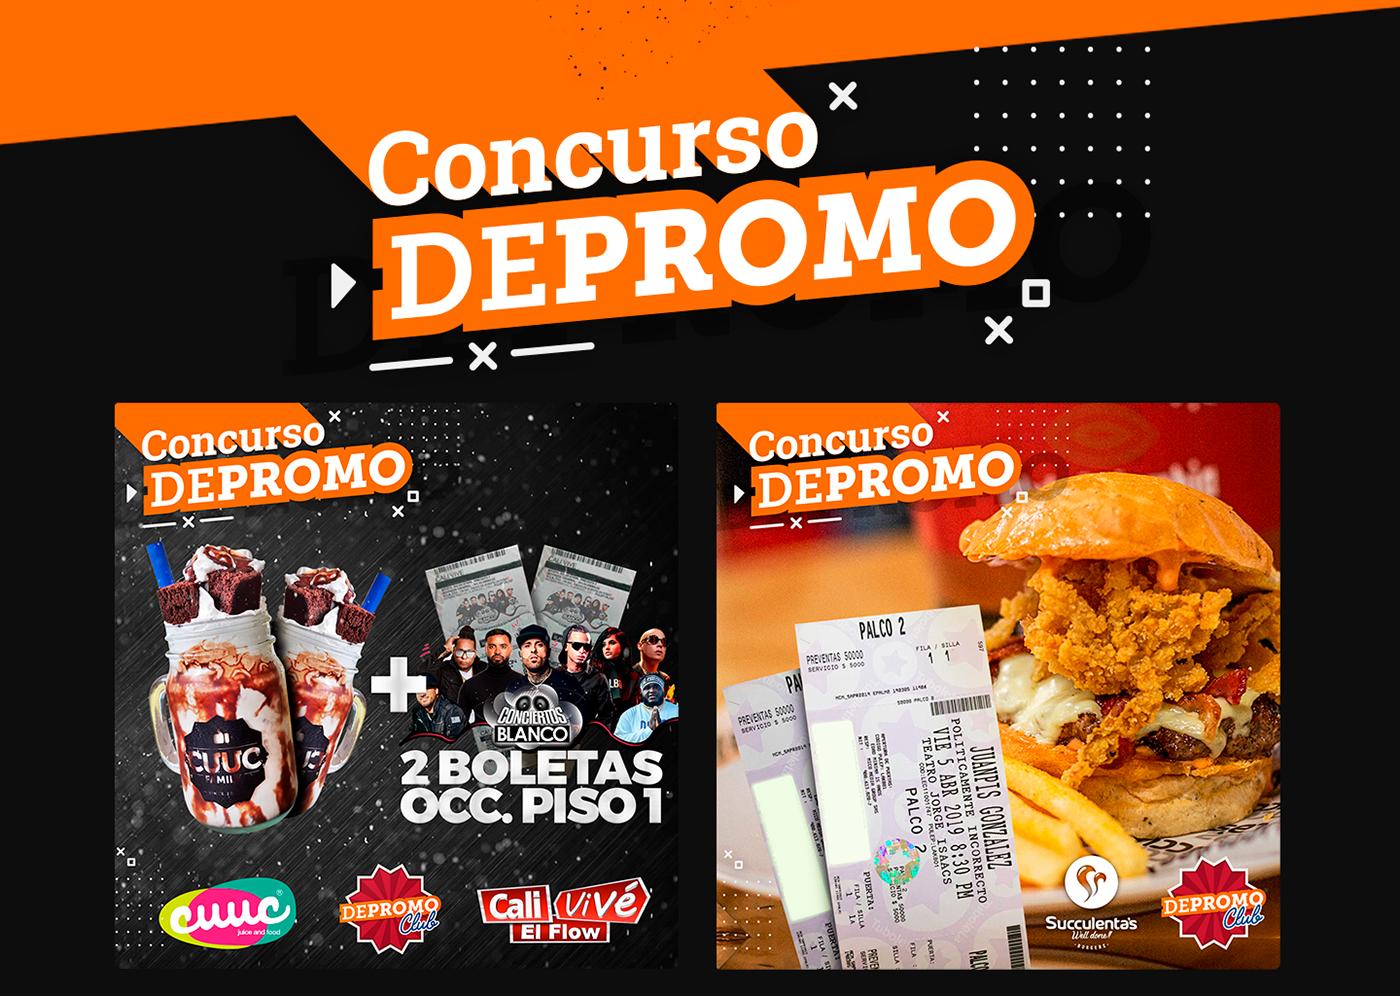 depromo club jorge delacruz flow studio comida bebidas Promociones social network